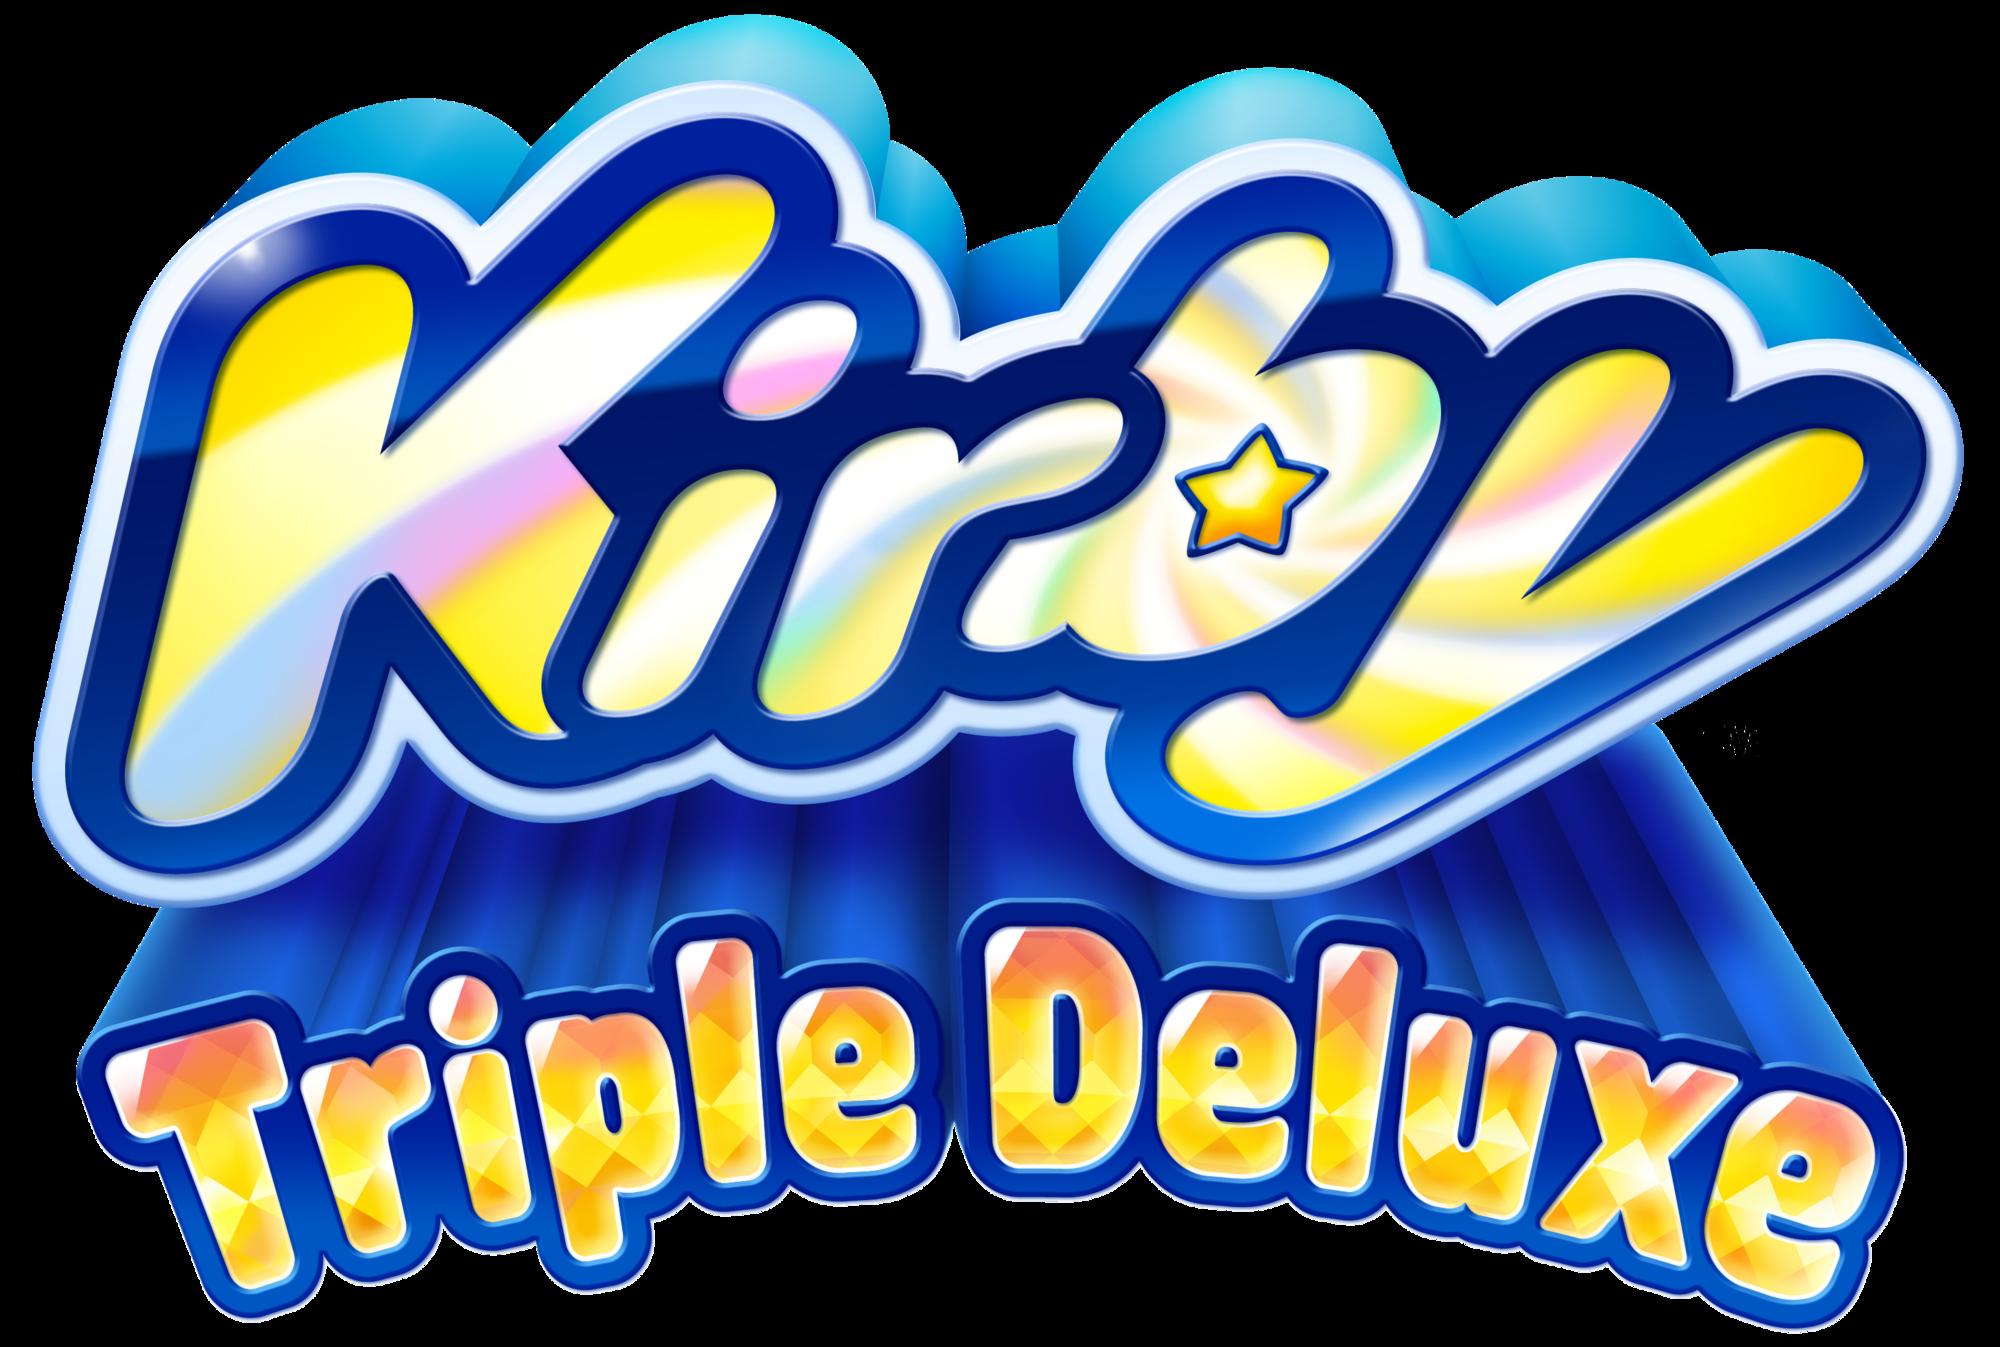 Kirby Triple Deluxe KTD_logo